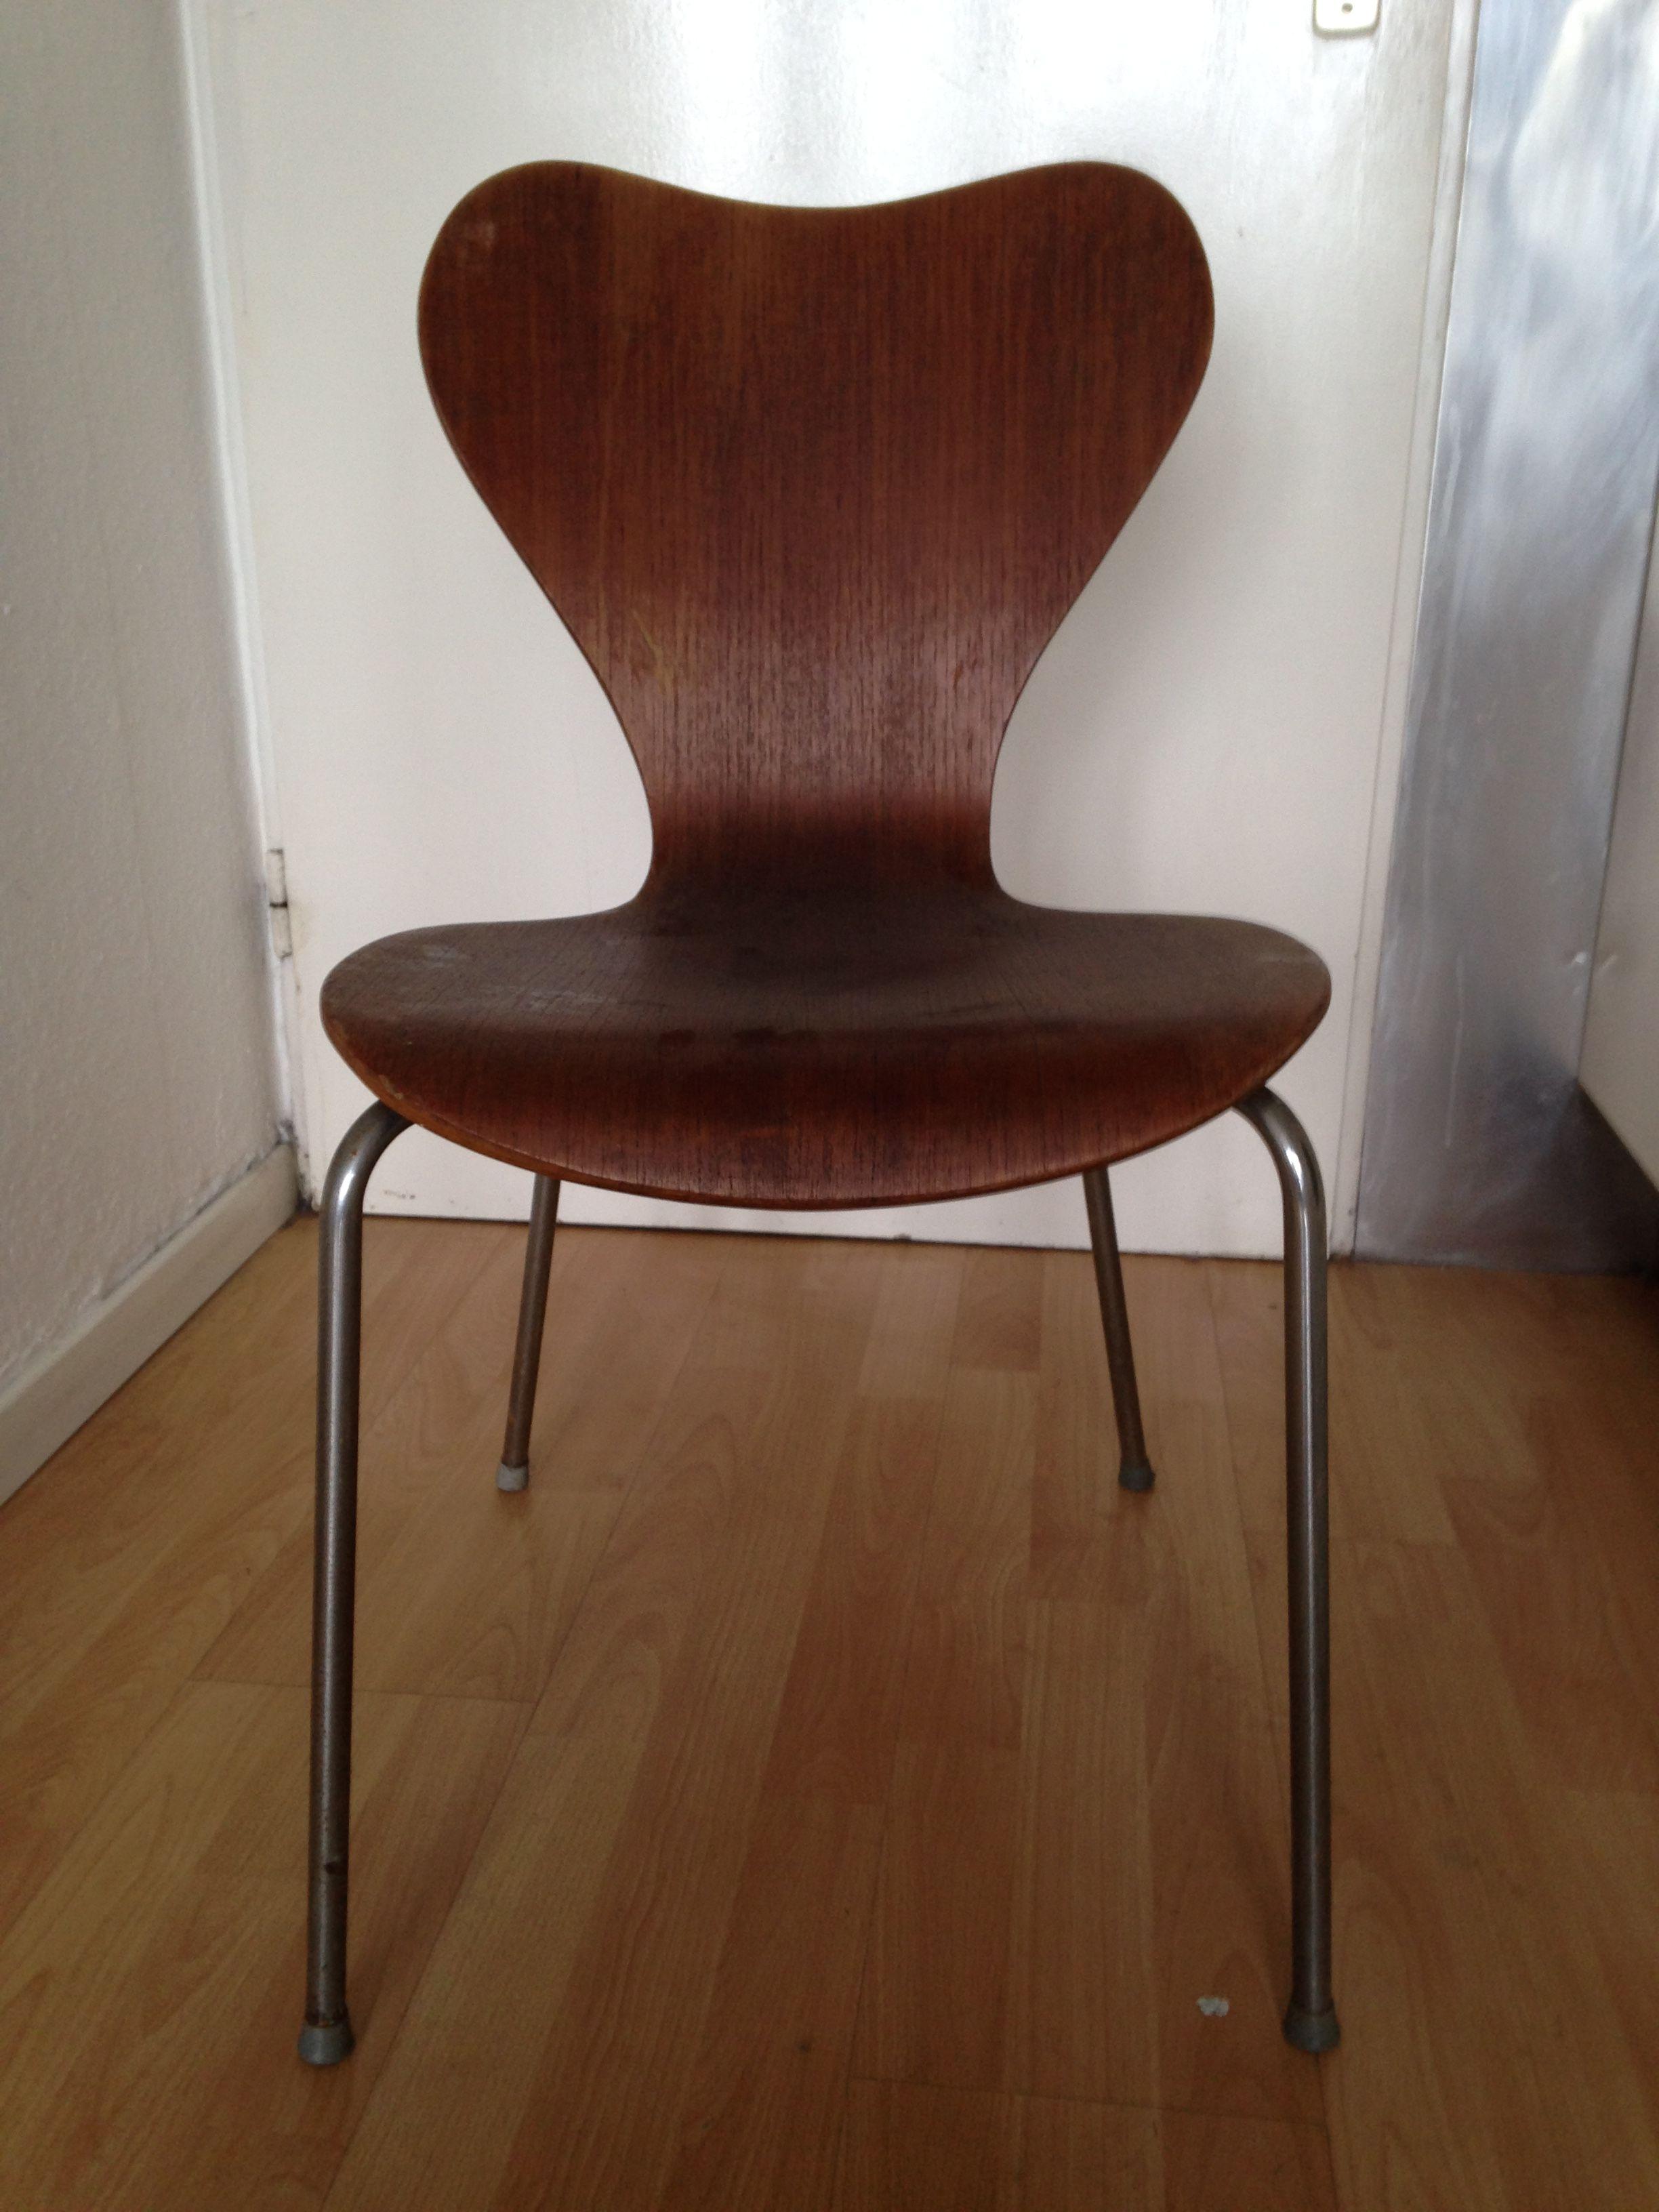 Vintage Stuhl Made in Denmark   Vintage stühle, Stühle ...